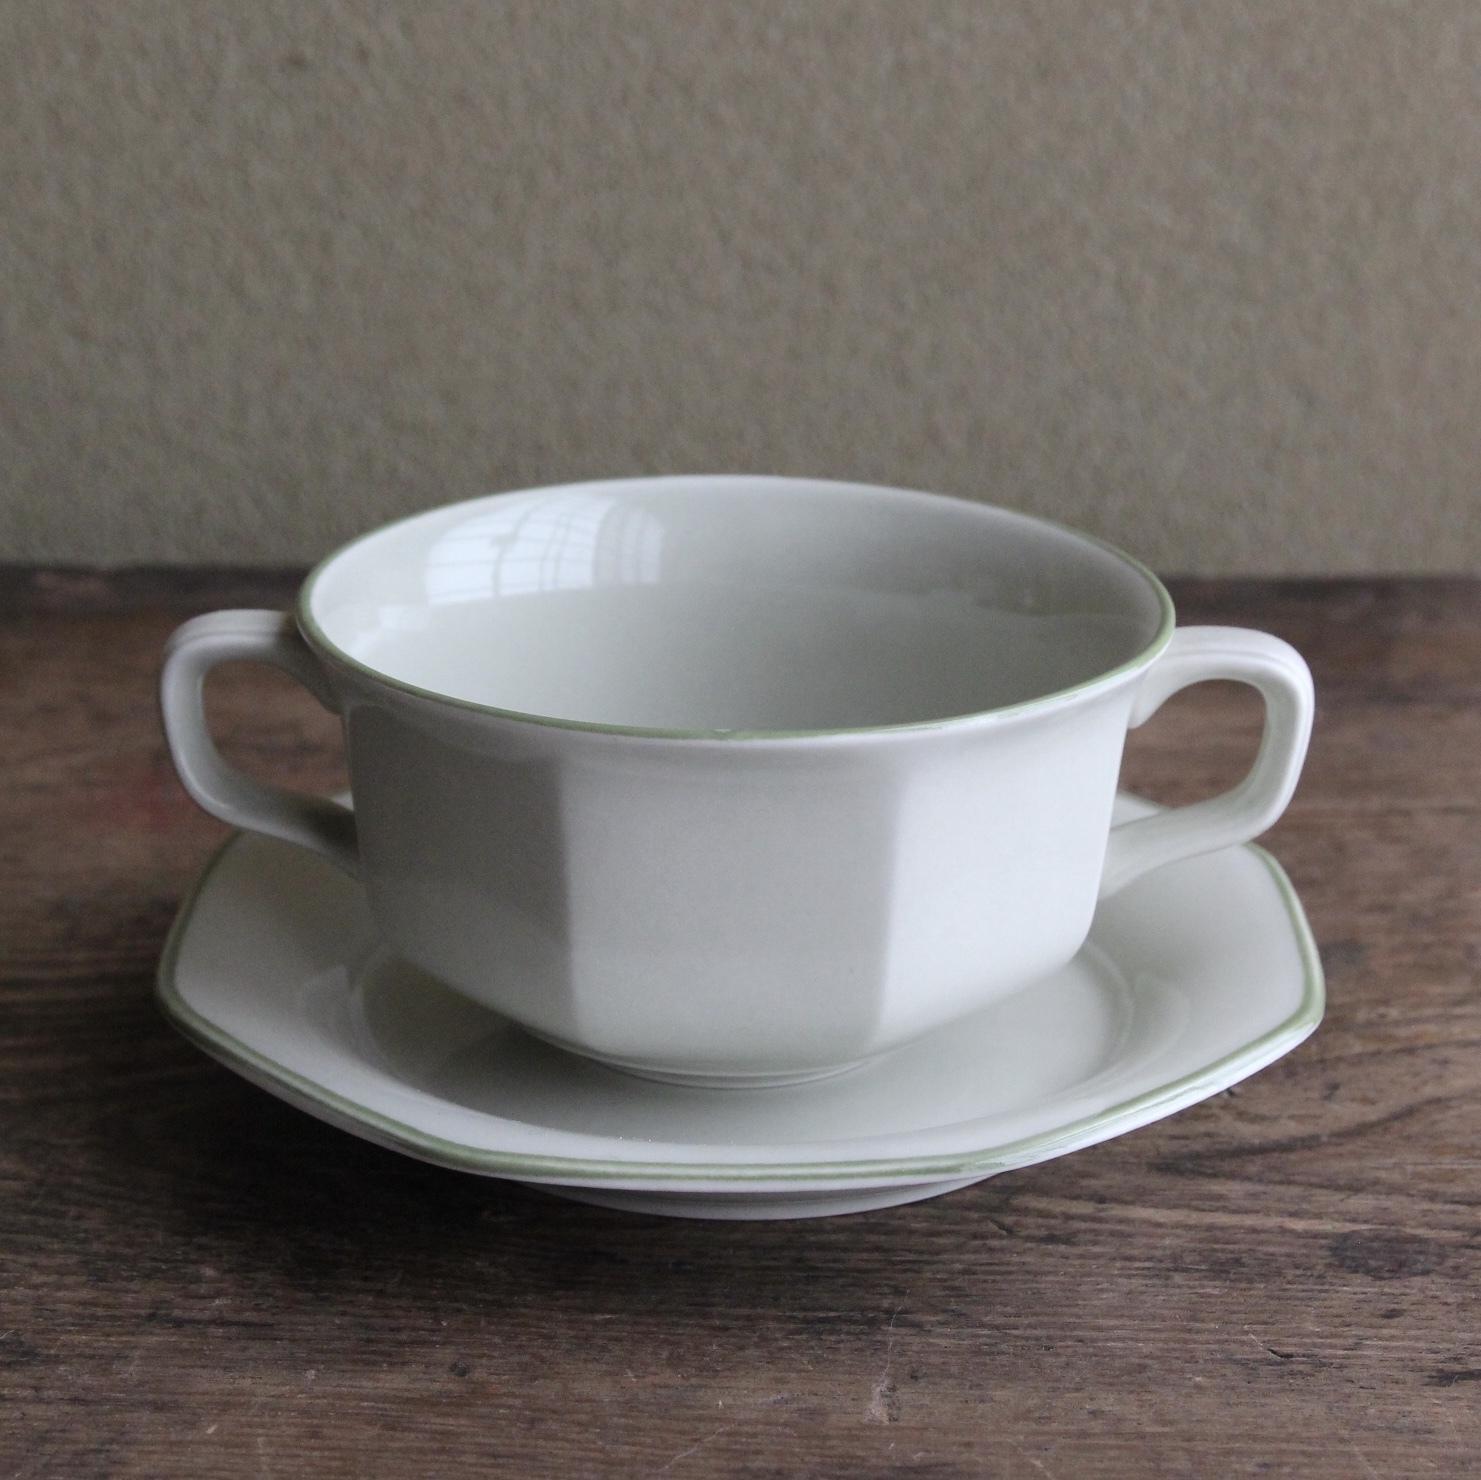 薄緑色のスープカップアンドソーサー 在庫2客